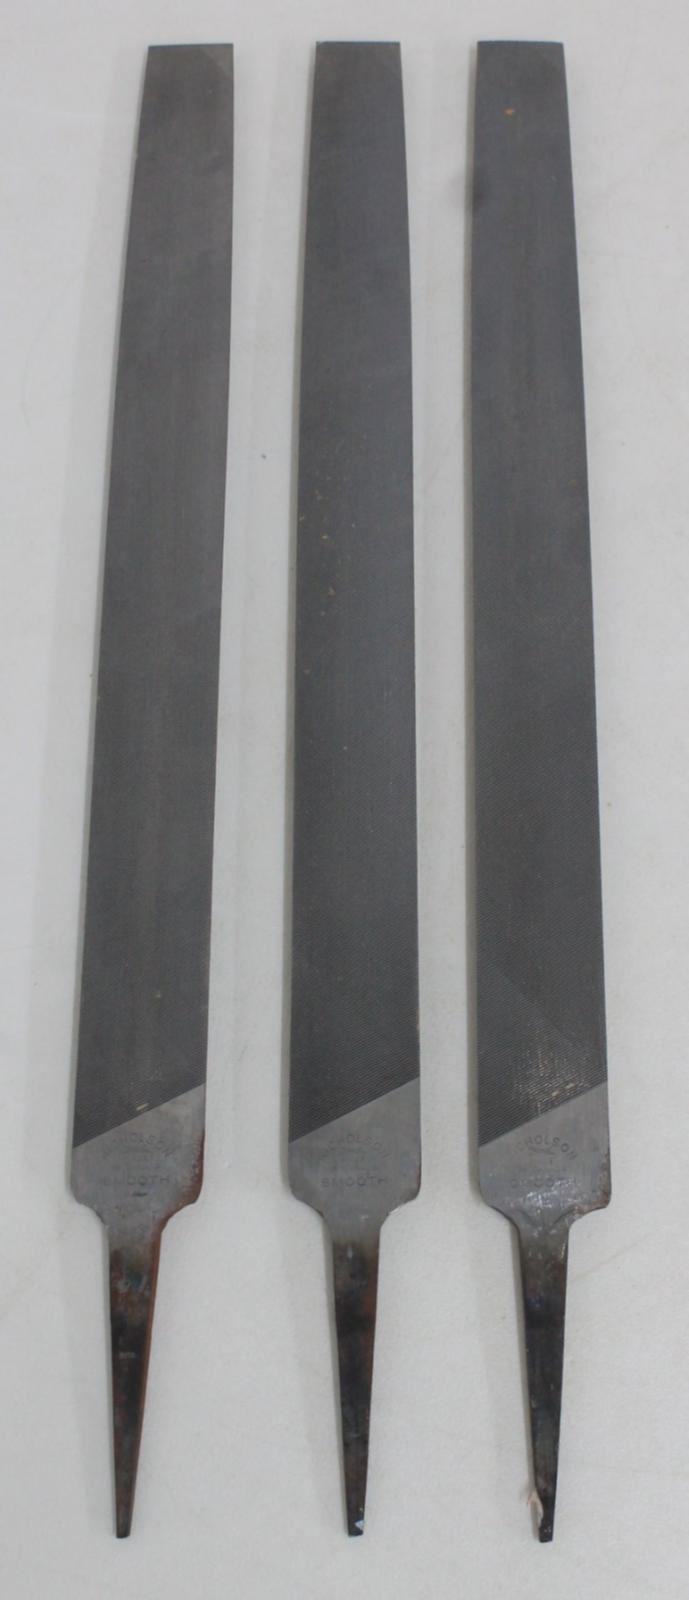 3-X-trabajo-de-madera-y-metal-Nicholson-Medio-Redondo-14-034-archivos-de-mano-corte-suave-30mm